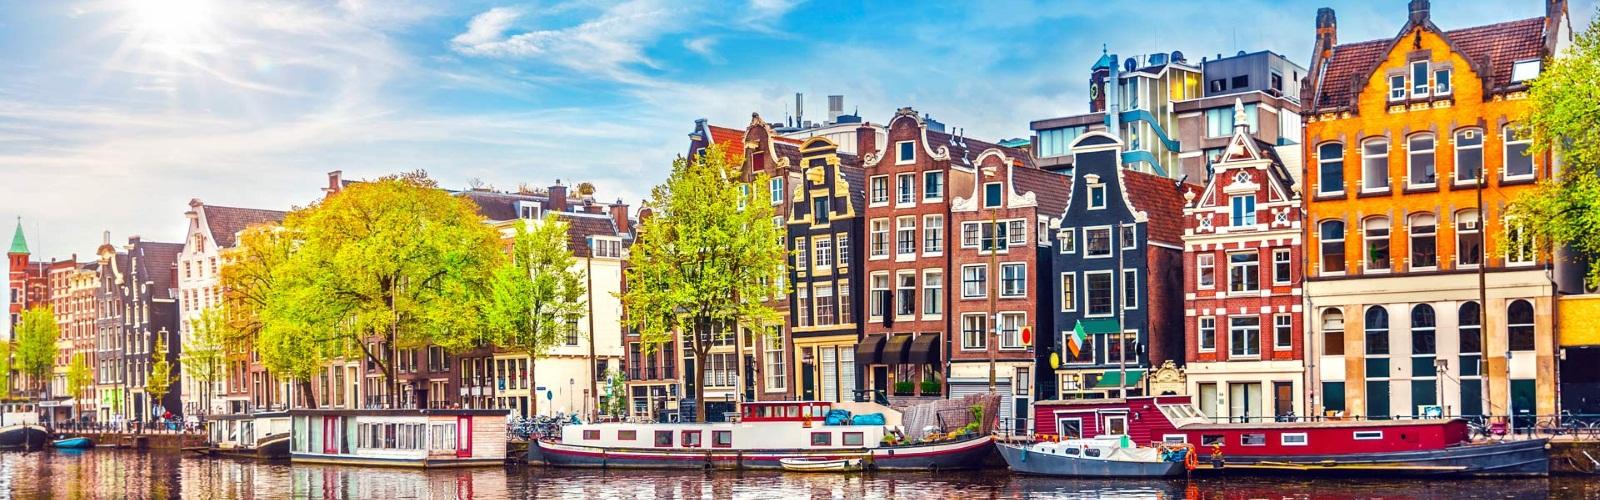 klm-art Нидерланды